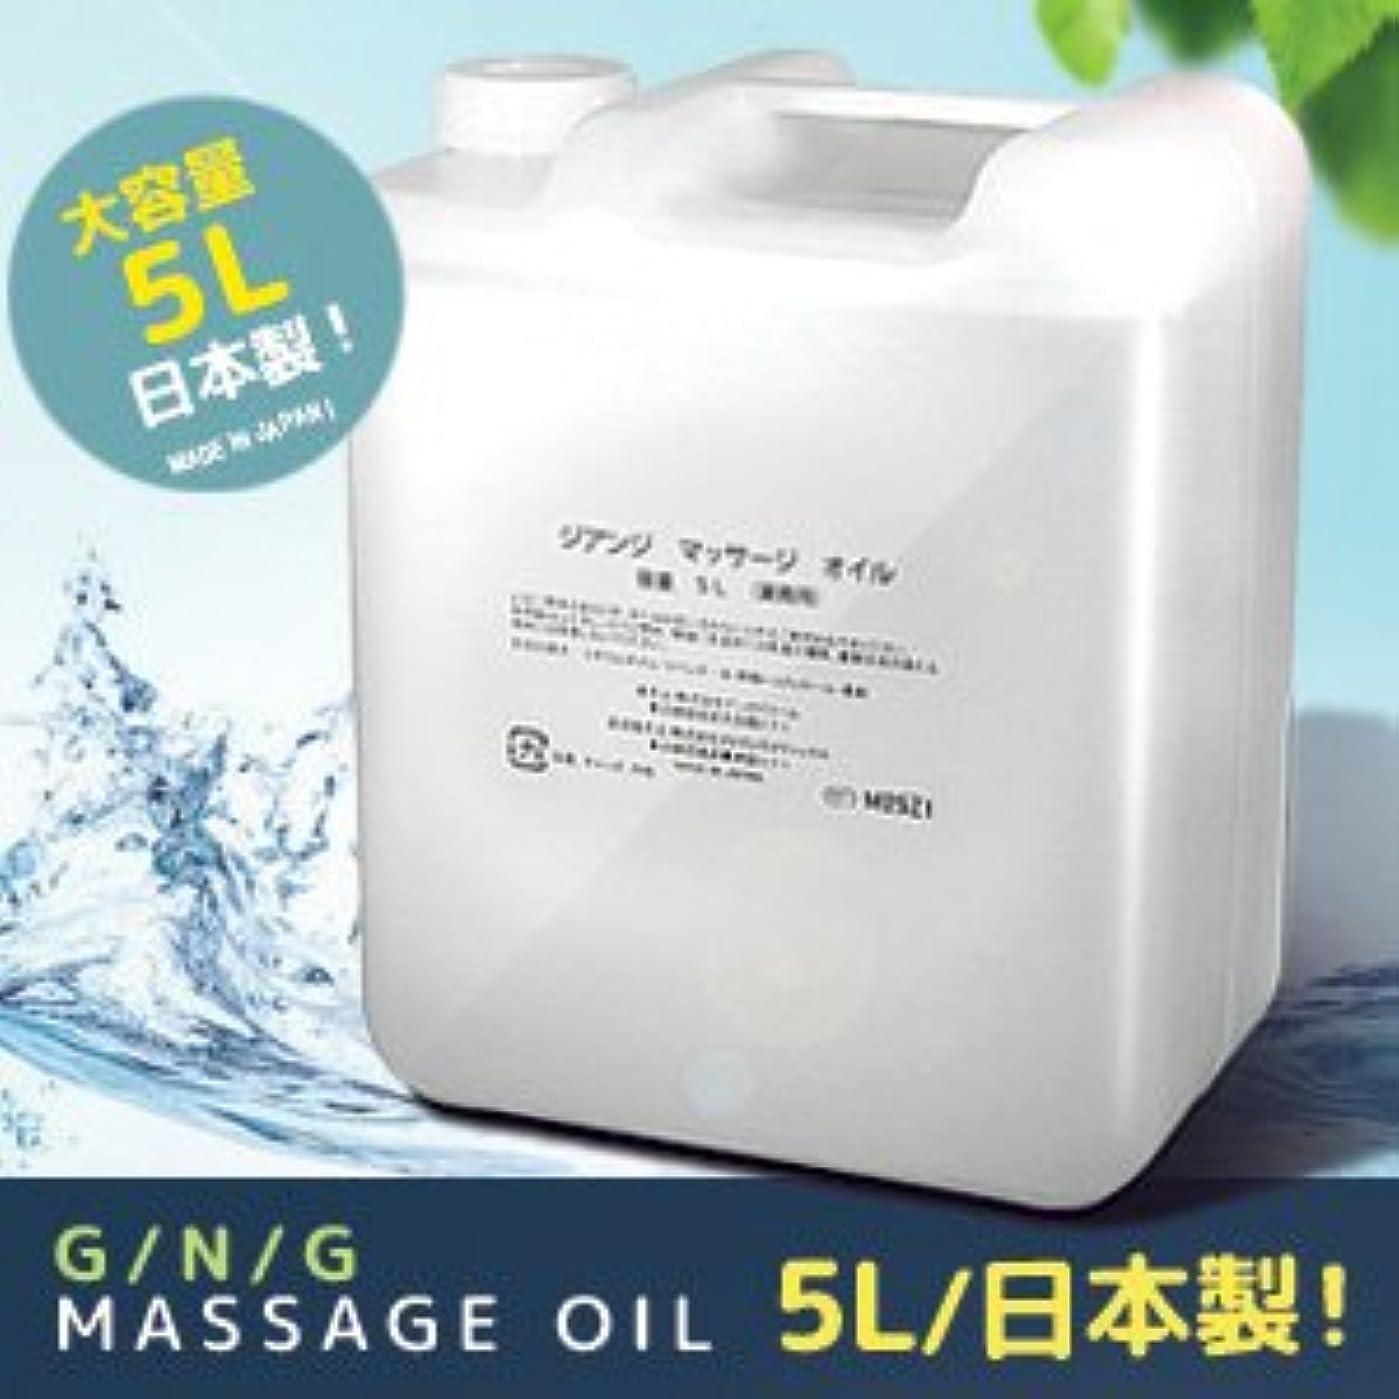 過去貸す雨日本製 業務用マッサージオイル 5L 無着色?無香料?スクワラン、ホホバ種子油配合